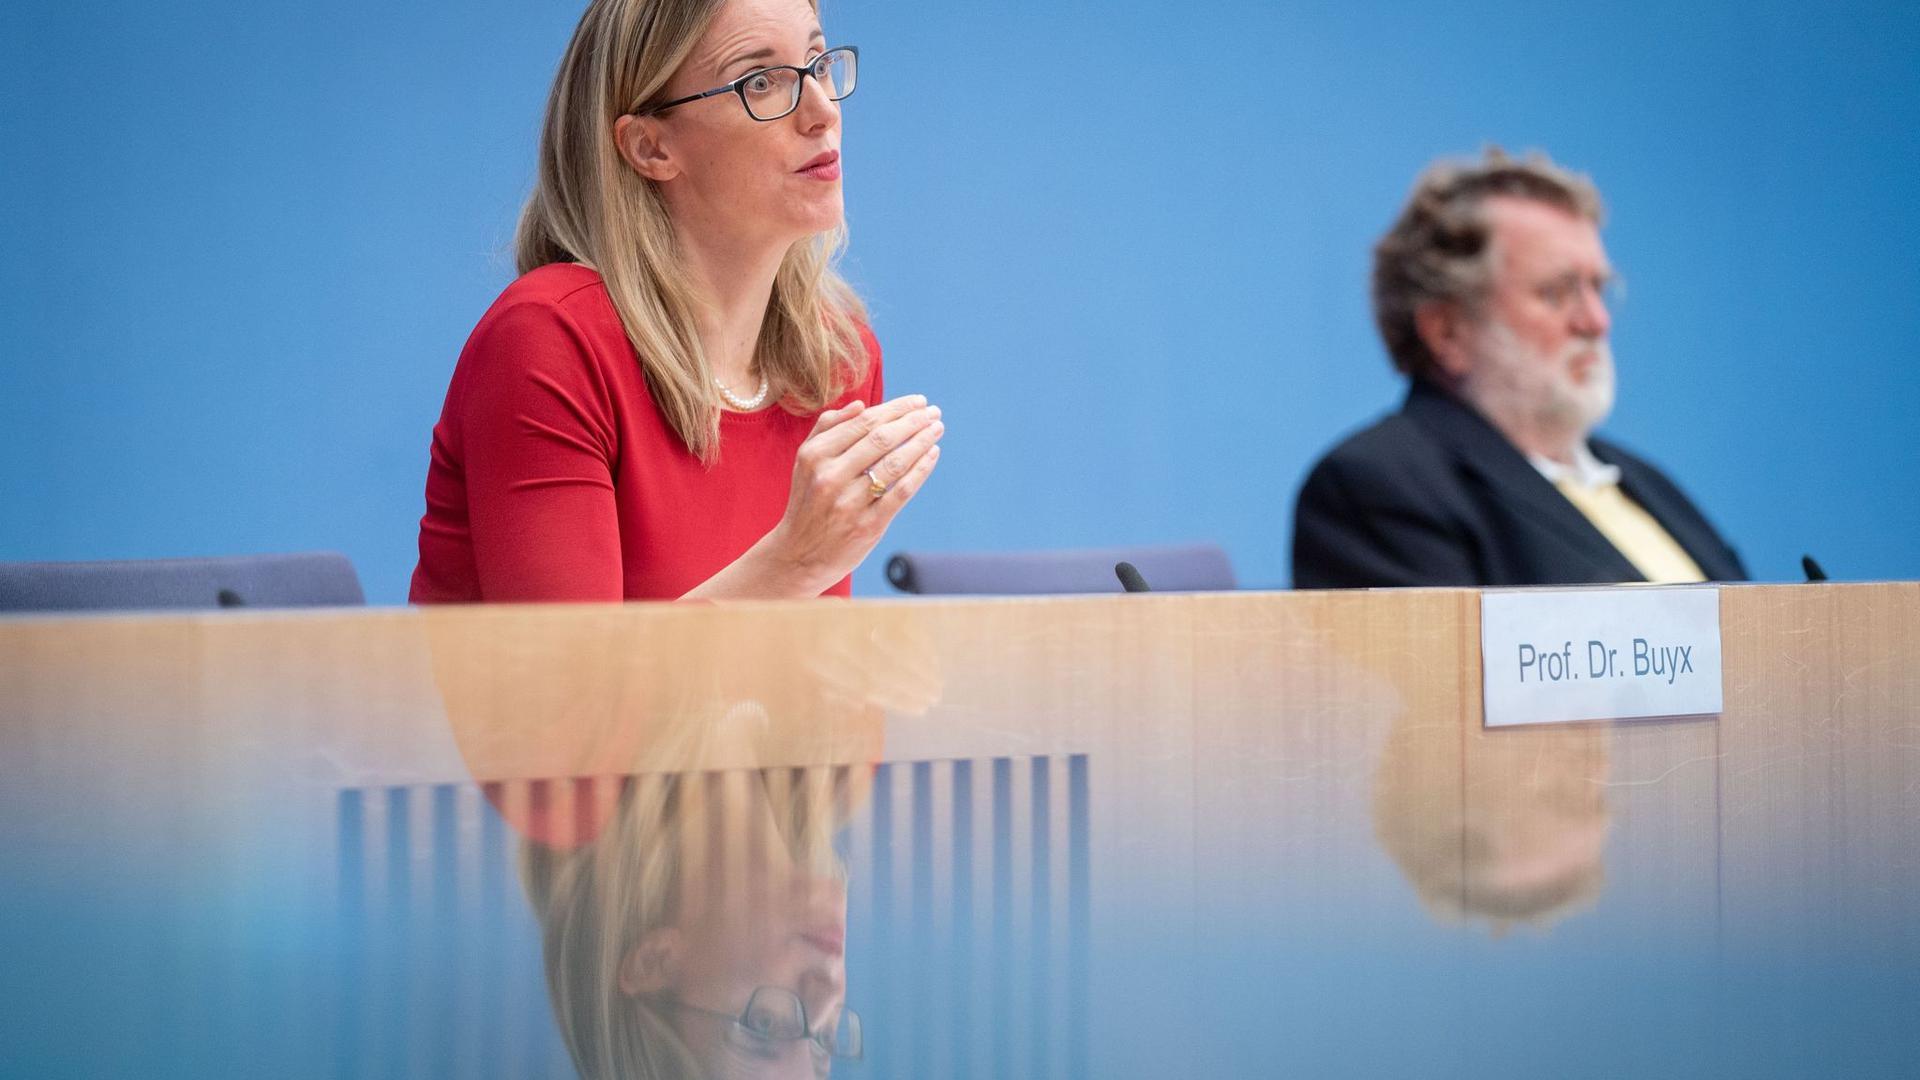 """Alena Buyx (l.), Vorsitzende des Deutschen Ethikrats, und Thomas Mertens, Vorsitzender der Ständigen Impfkommission (STIKO), stellen das gemeinsame Positionspapier """"Wie soll der Zugang zu einem COVID-19-Impfstoff geregelt werden?"""" vor."""